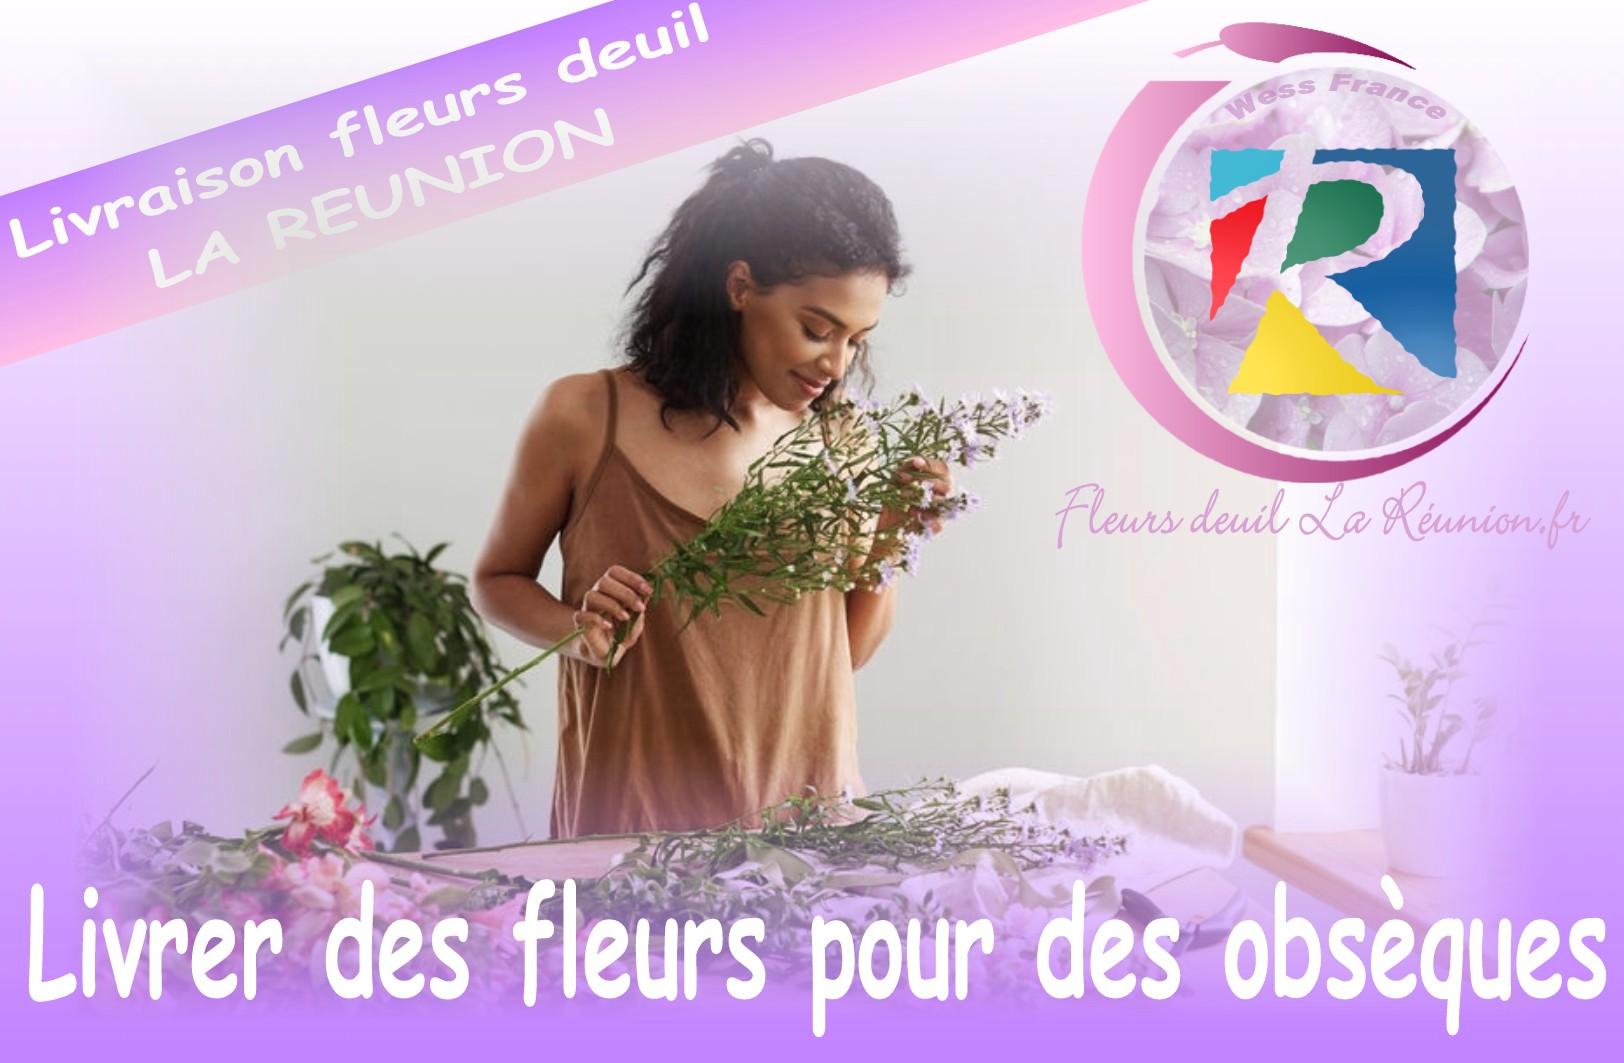 livraison de fleurs deuil saint benoit 97 la r union. Black Bedroom Furniture Sets. Home Design Ideas